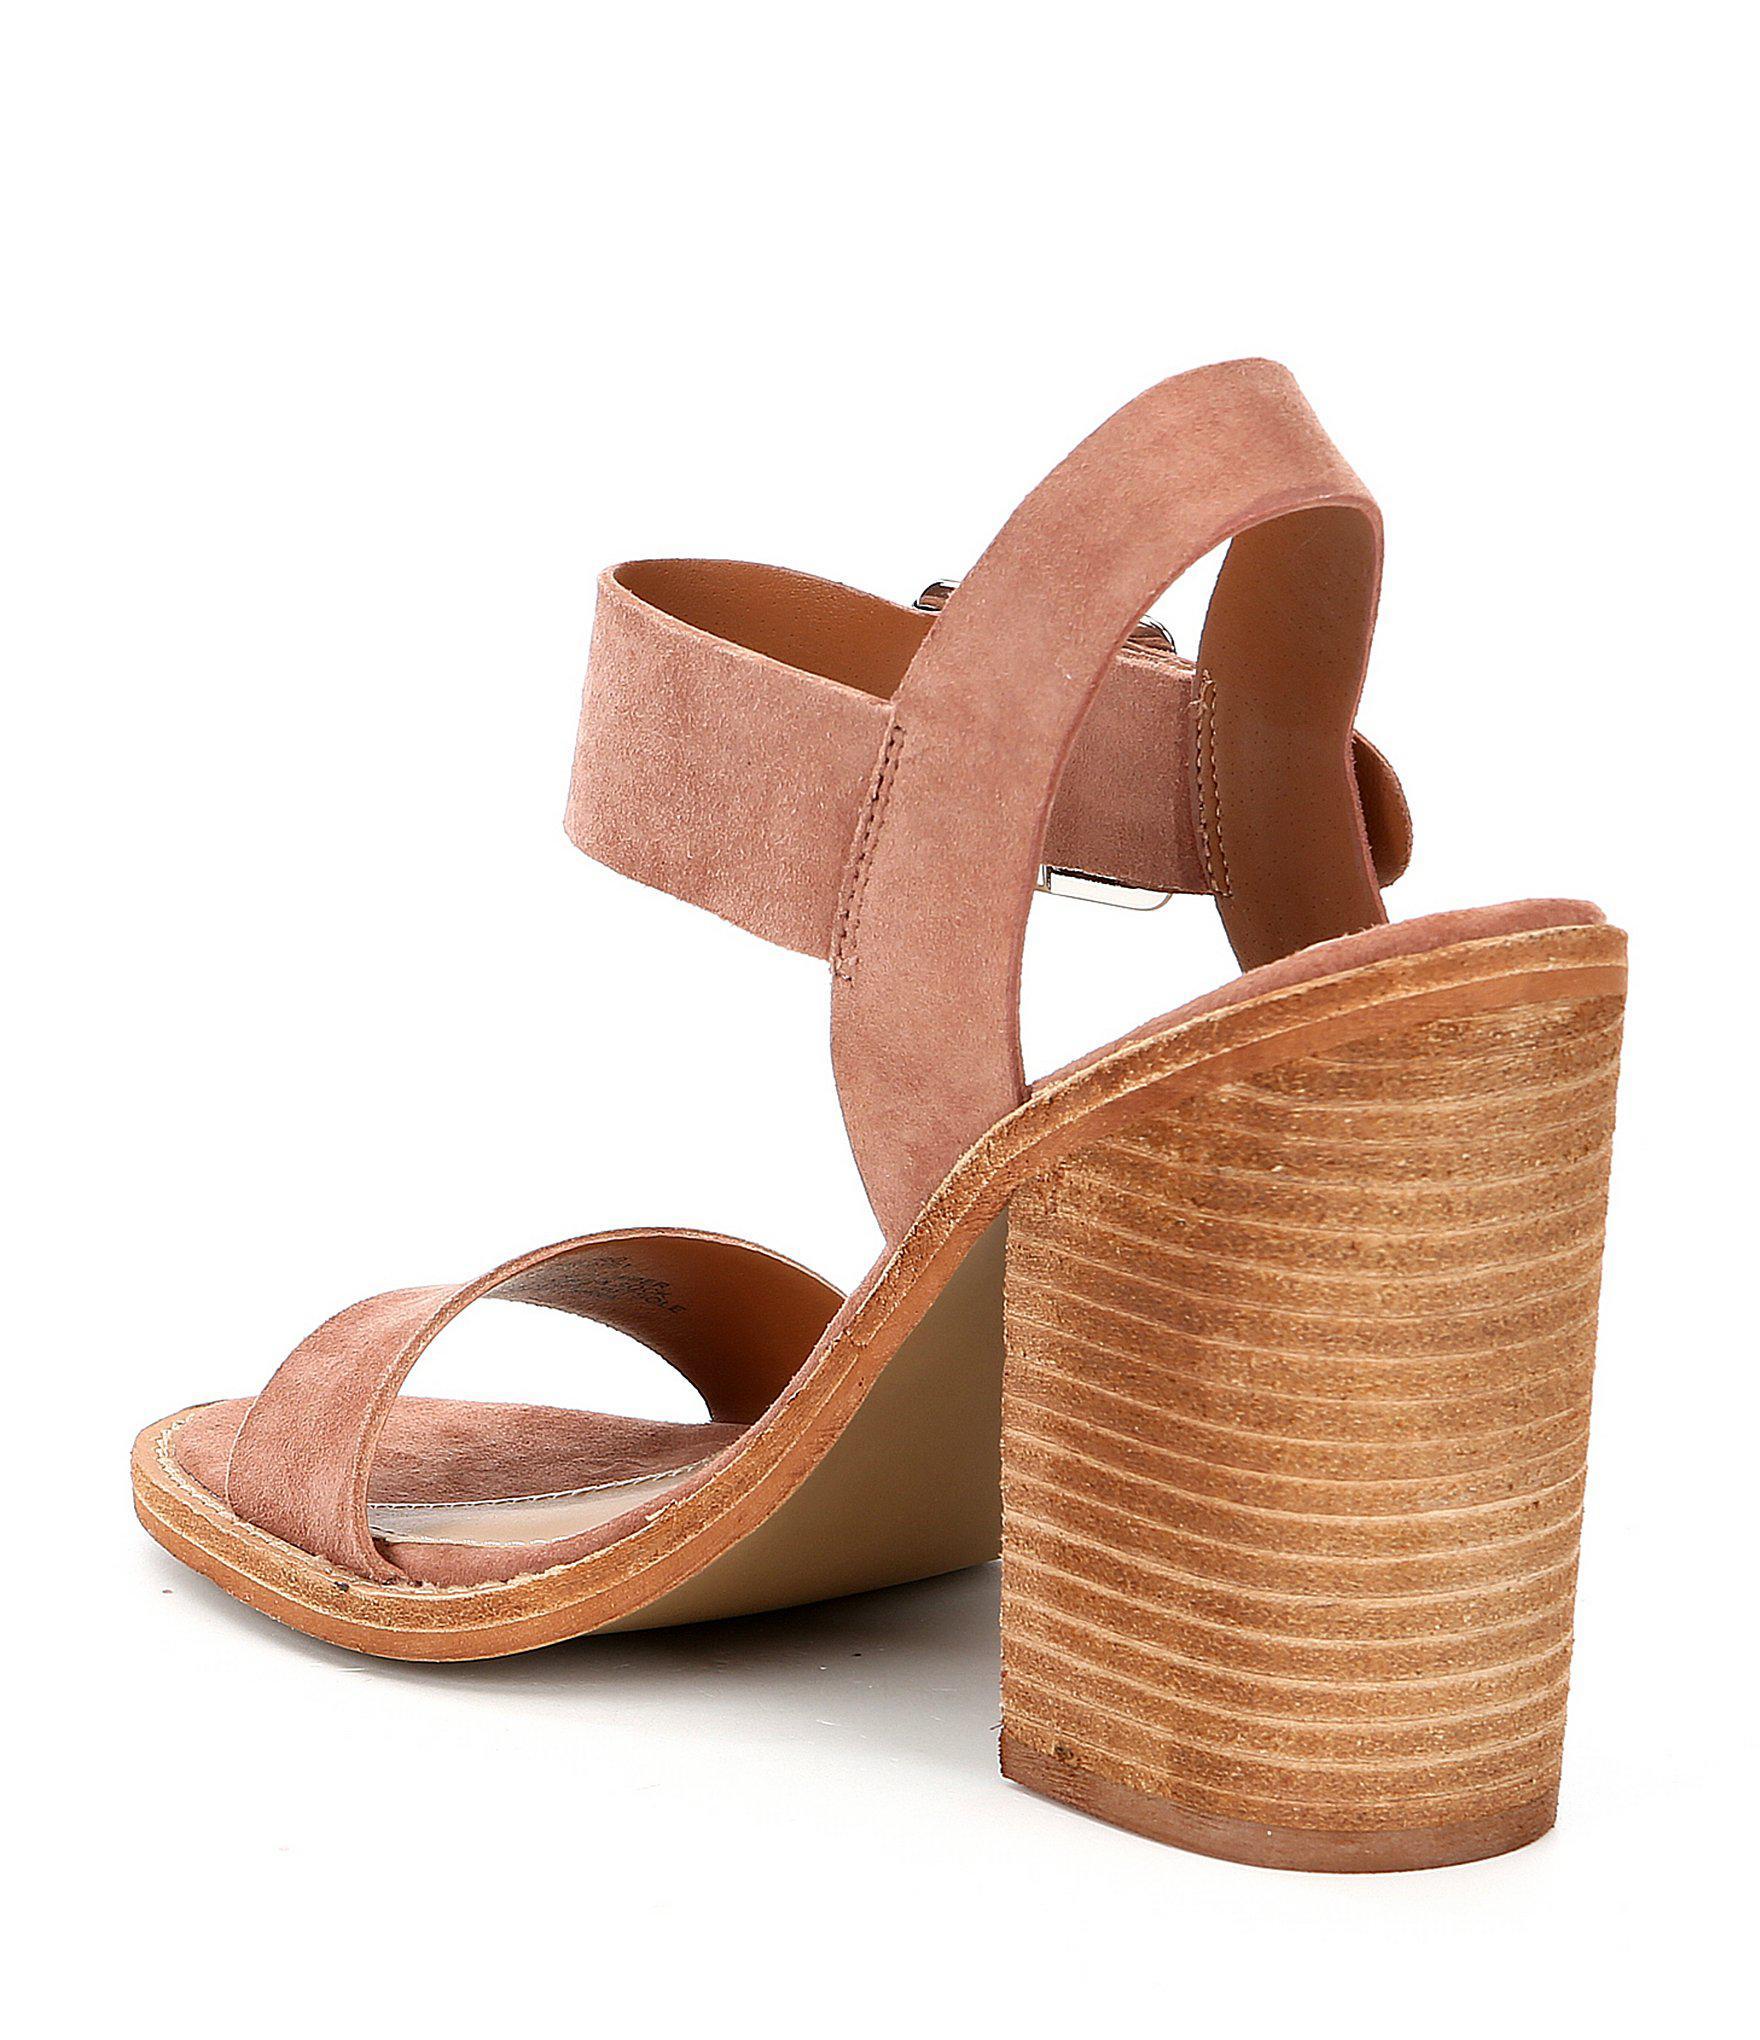 38467195279 Lyst - Steve Madden Castro Suede Buckled Block Heel Sandals